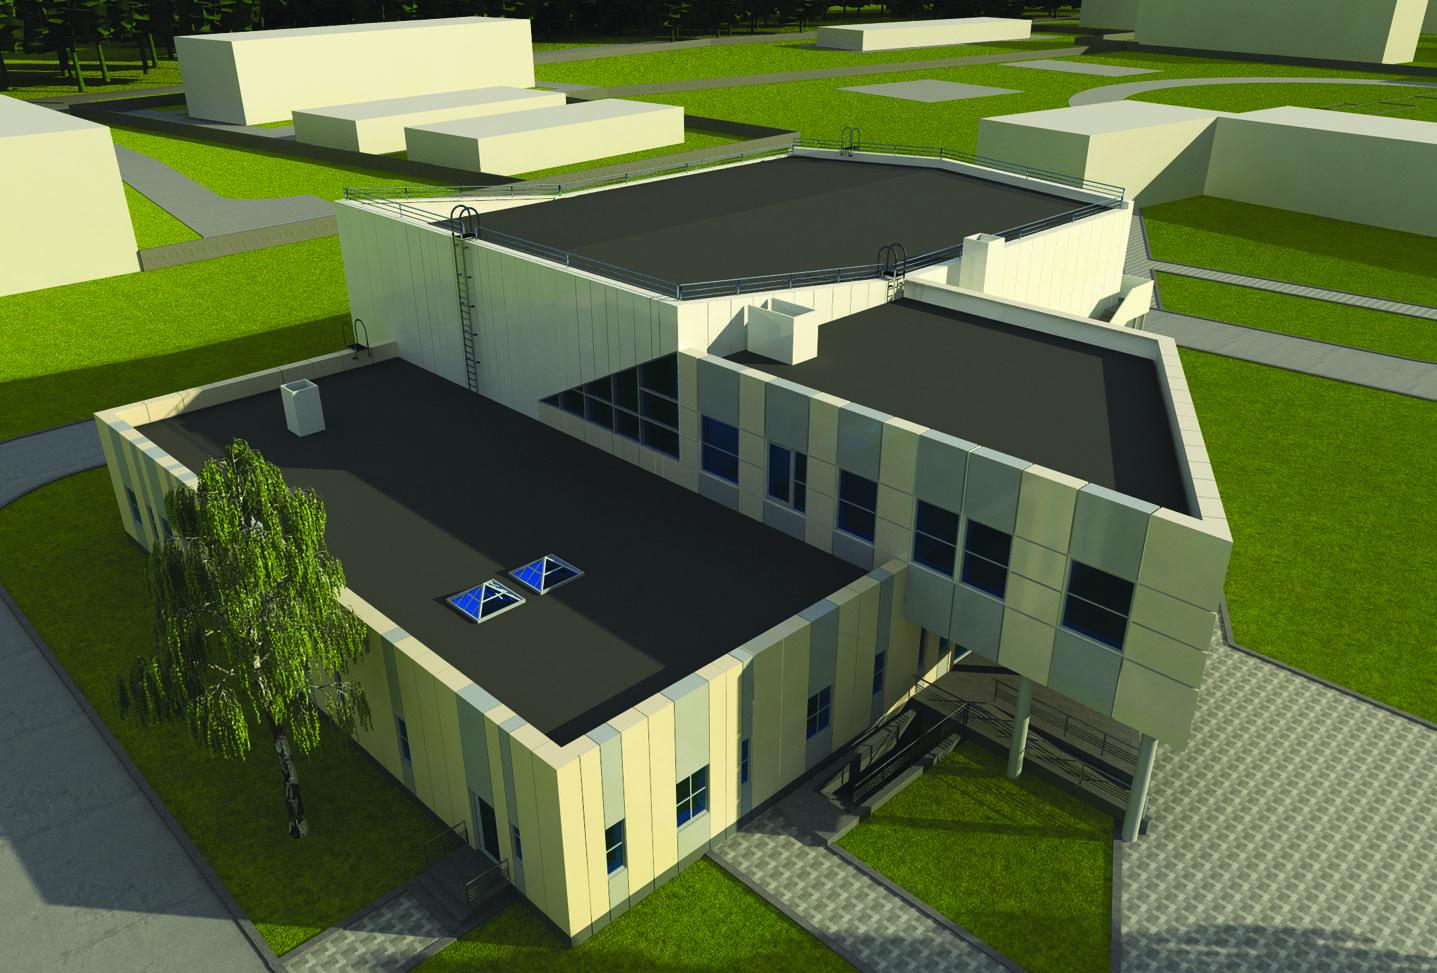 Строительство двухэтажного спорткомплекса с бассейном продолжается в ижевском вузе